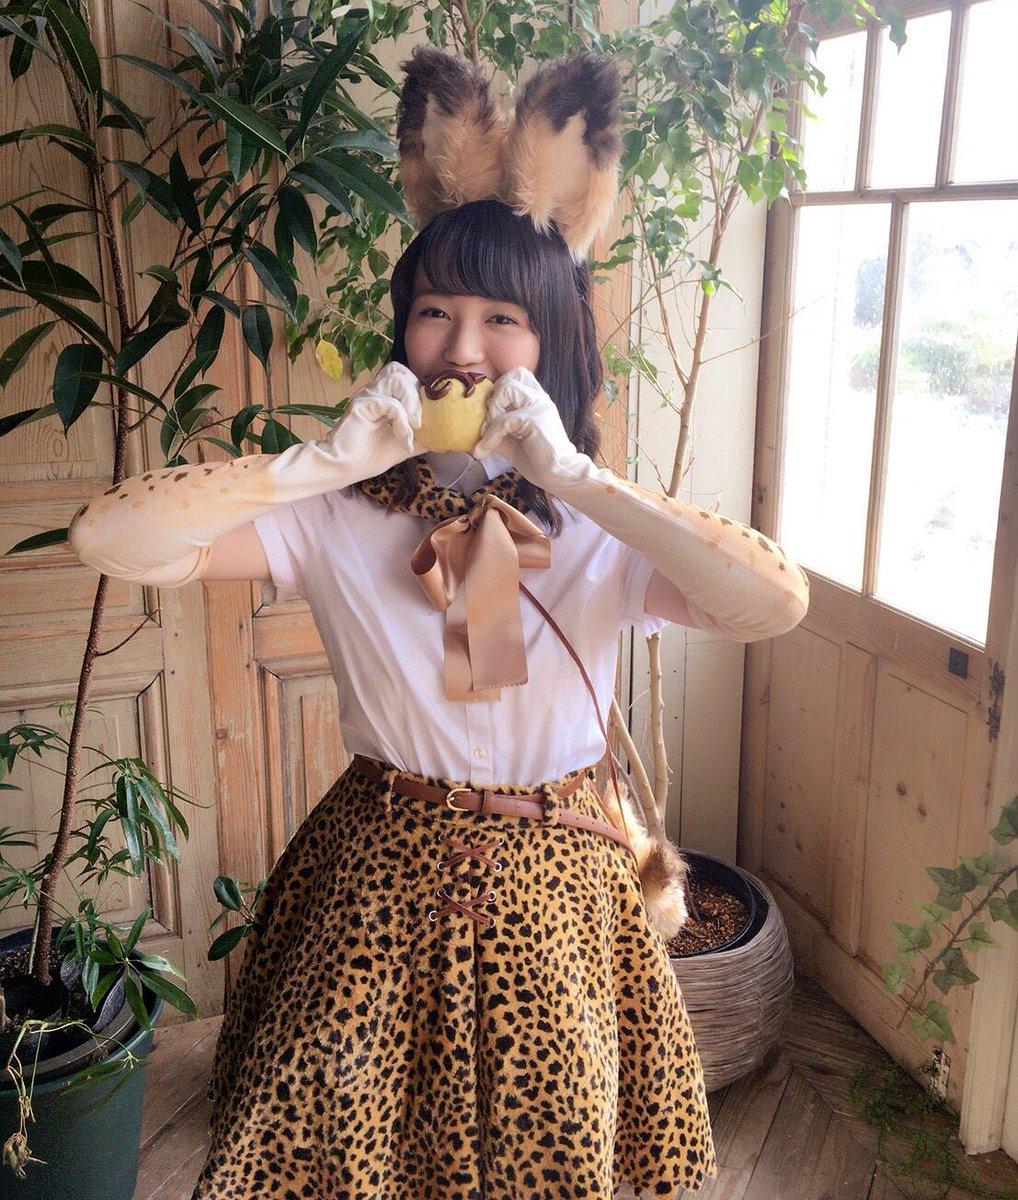 もぐぅもぐぅ…ジャパリまん美味しいー🐱💕#声優パラダイス #けものフレンズ pic.twitter.com/fDmDvBbaQ8